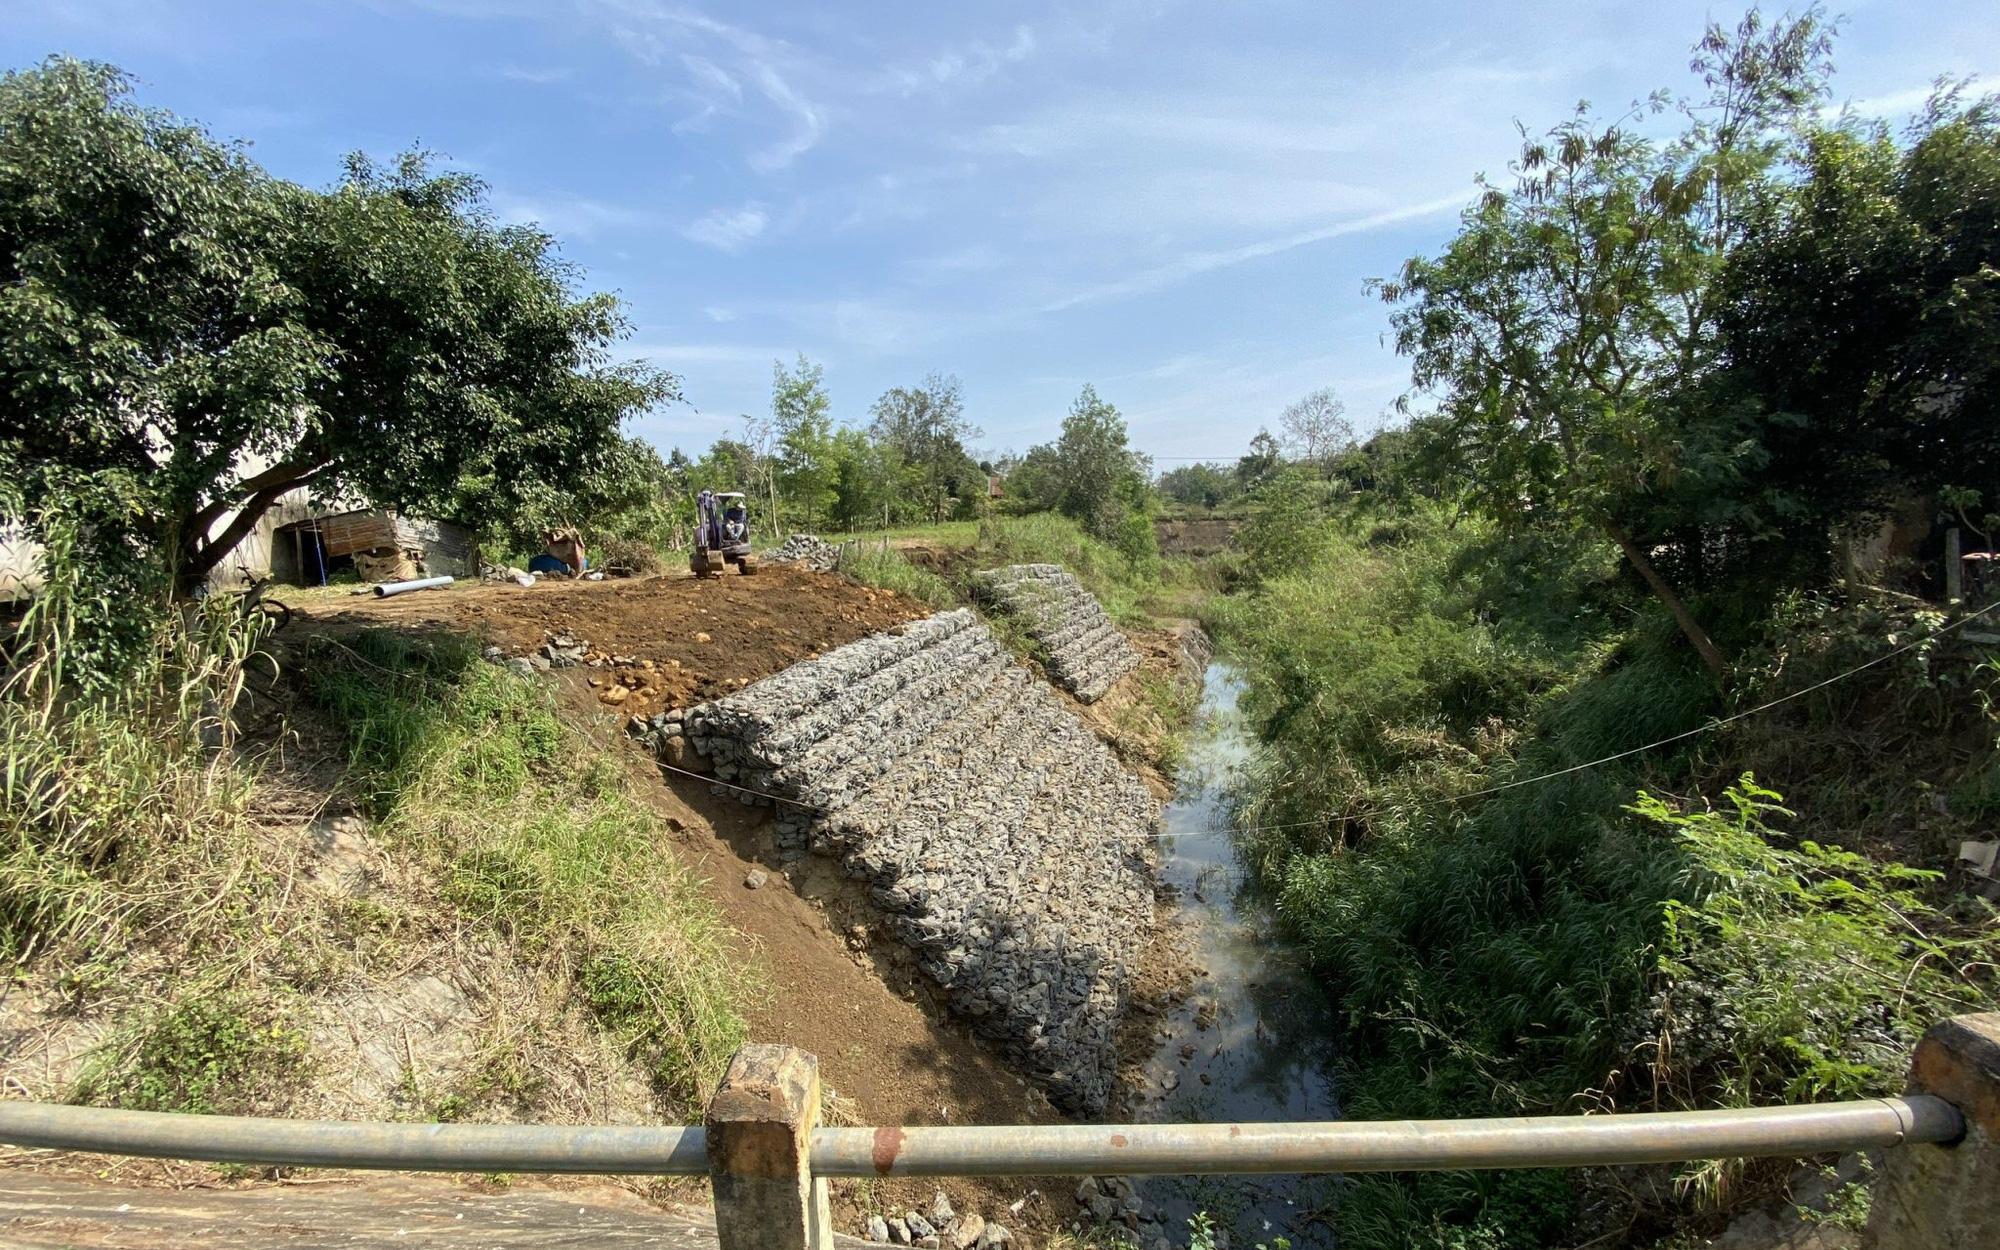 Đắk Lắk: Huyện Krông Pắk làm kênh dẫn nước tiền tỷ, thấp hơn mặt ruộng rồi… bỏ hoang